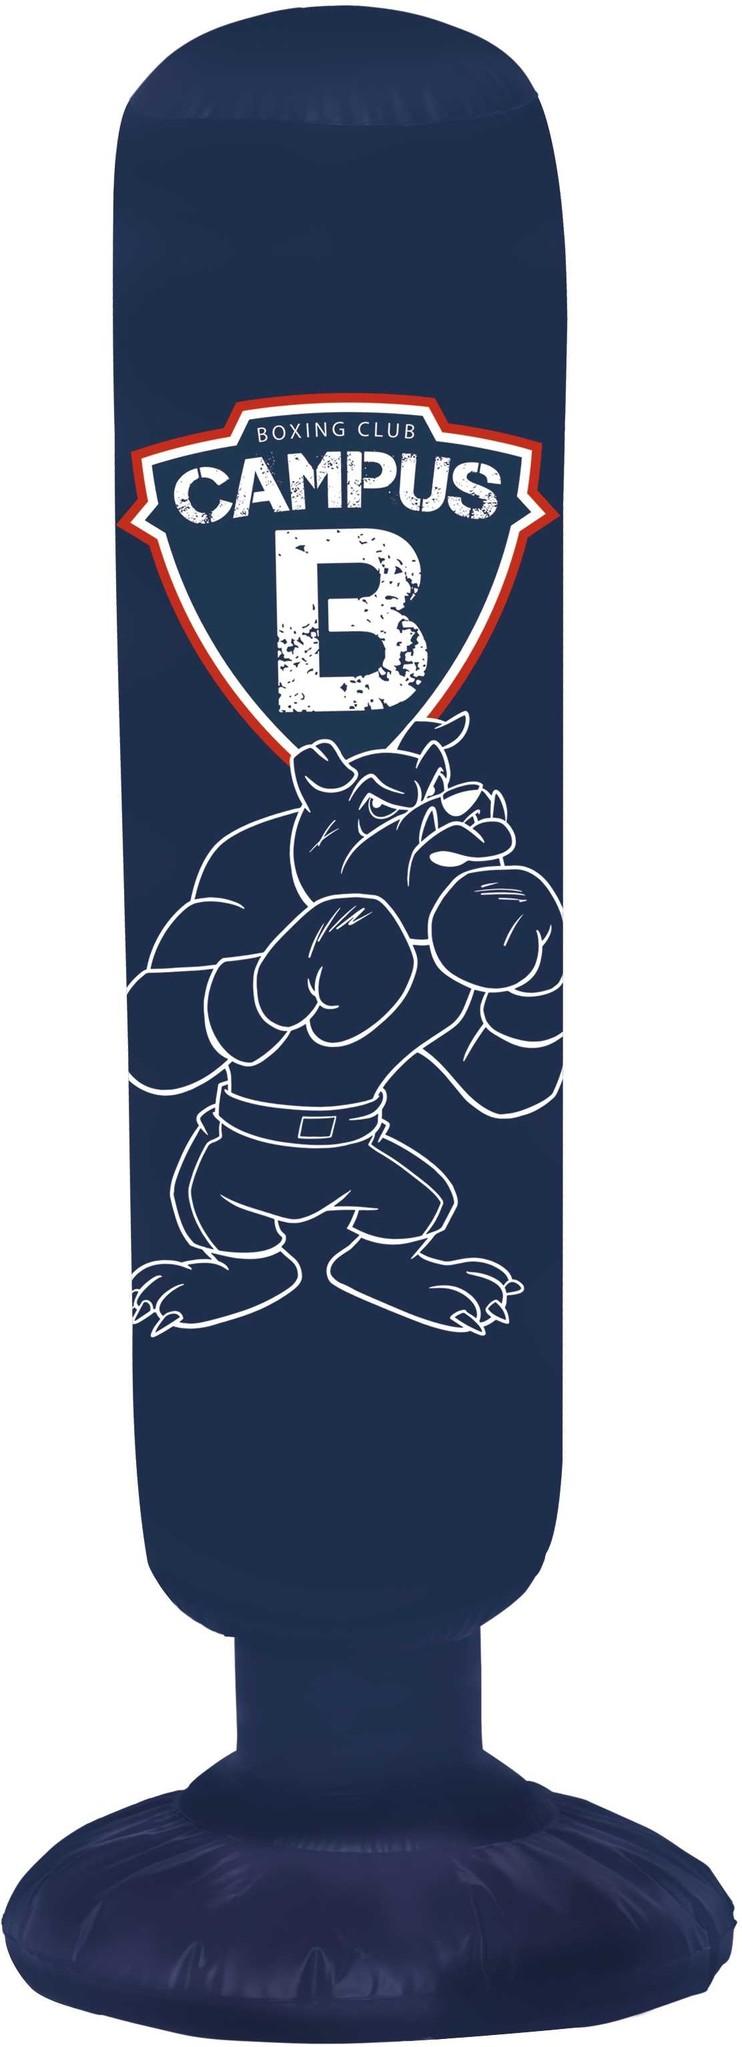 Droom jij er ook van een stoere bokser te worden zoals Noah en ooit eens echt in de boksring te staan? Train je spieren alvast door te oefenen op de opblaasbare boksbal van Campus 12. Boksen maar!